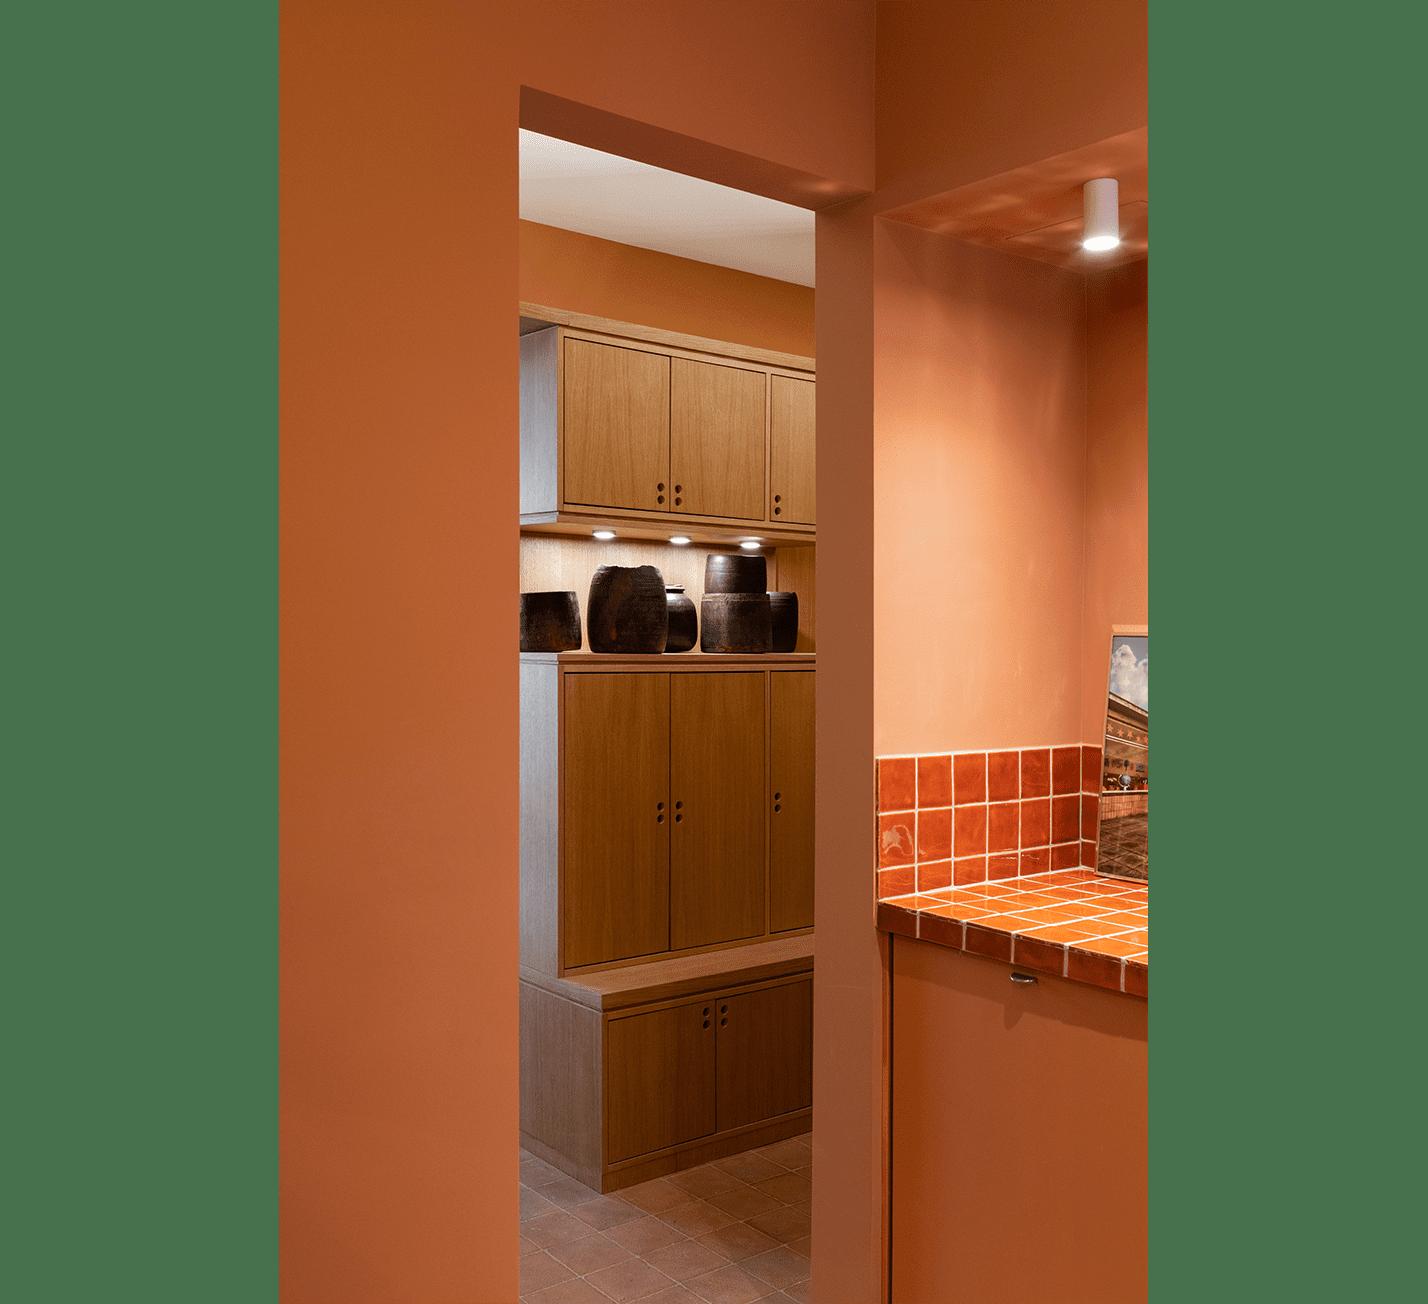 Appartement-Pantin-paris-rénovation-architecture-paris-construction-atelier-steve-pauline-borgia-24